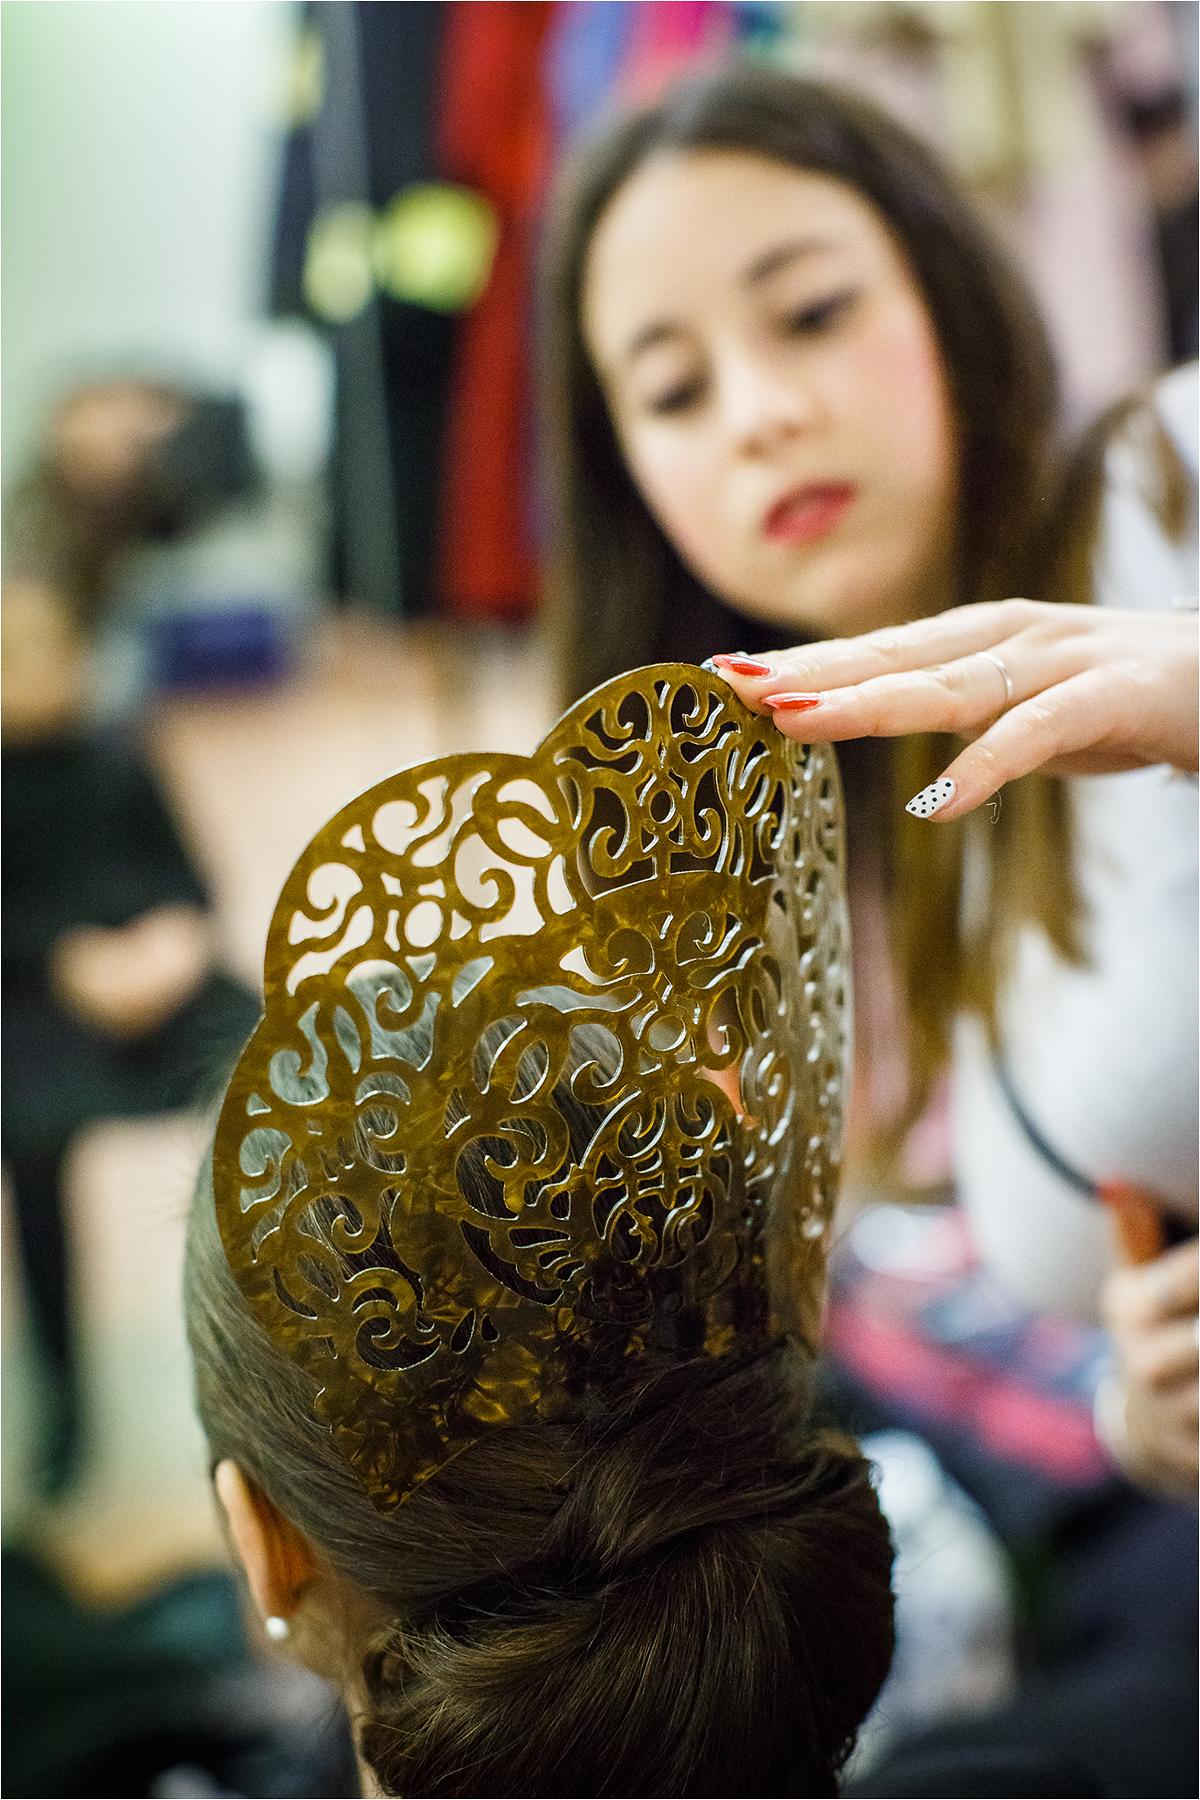 Moteriai įstatomos į šukuoseną mantilijos šukos.